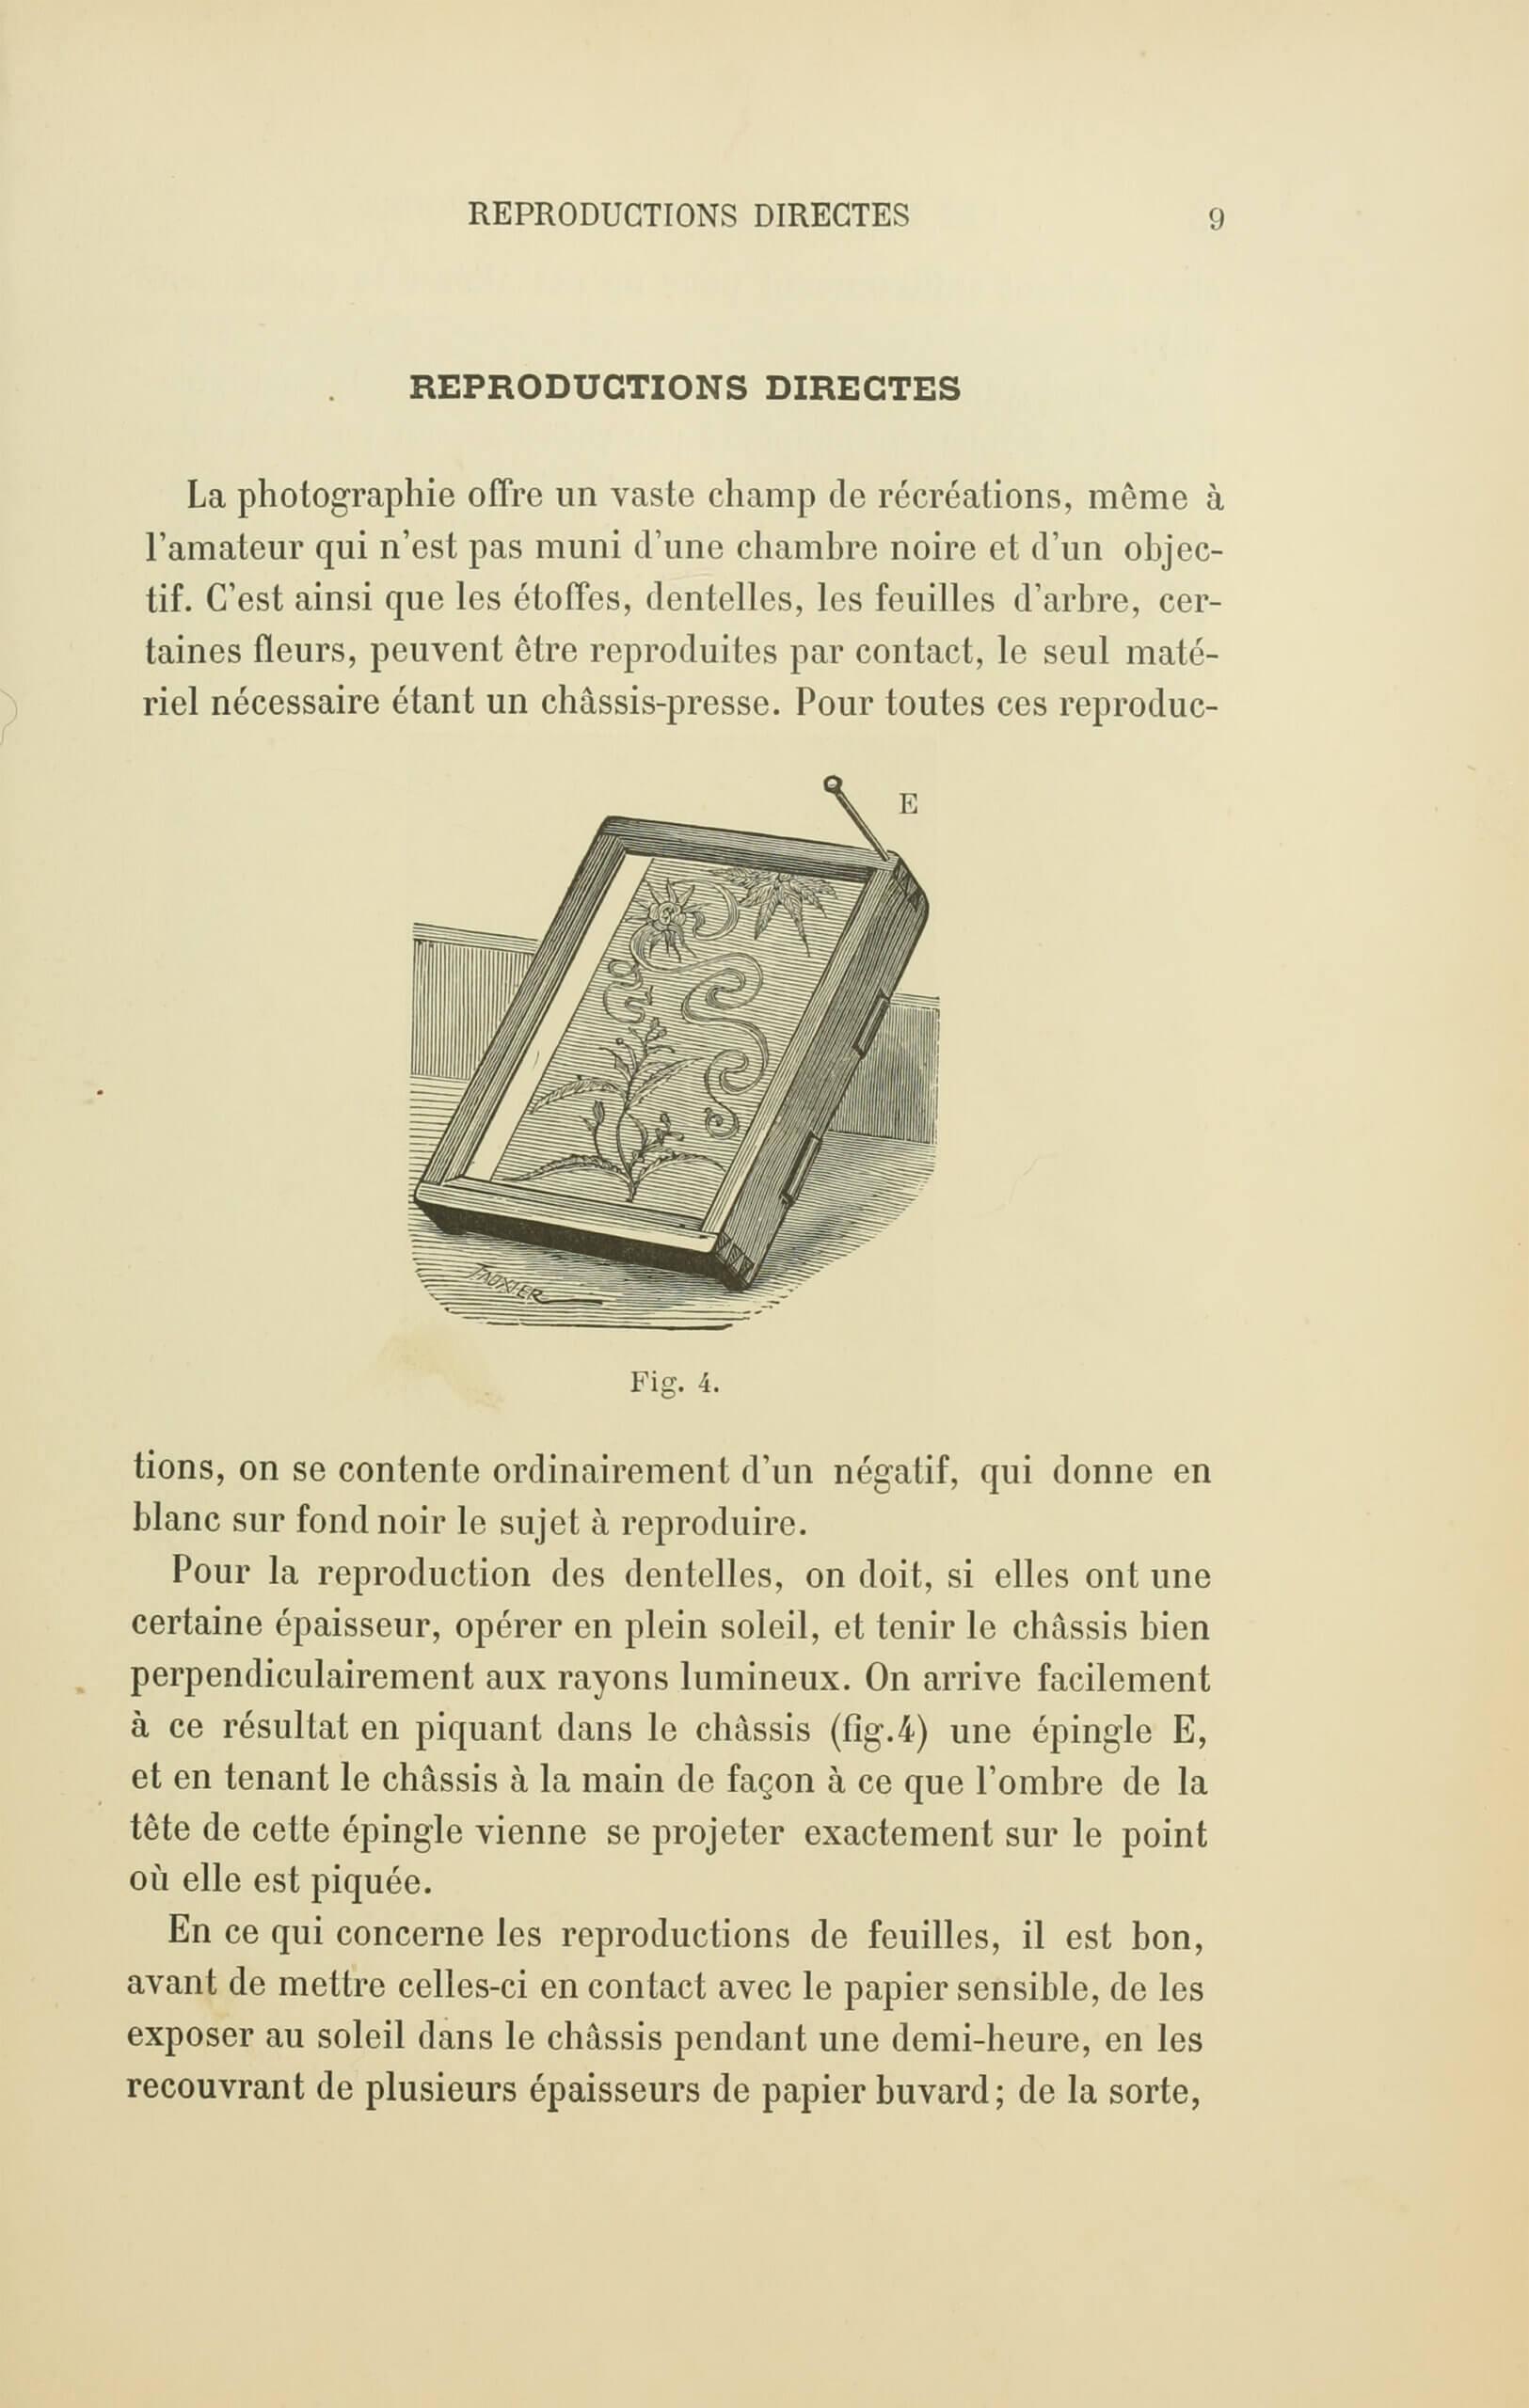 Albert Bergeret and Félix Drouin, «Reproductions directes». <em>Les Récréations photographiques</em>, Paris, Charles Mendel, 1891, p. 9 (Boston Public Library)